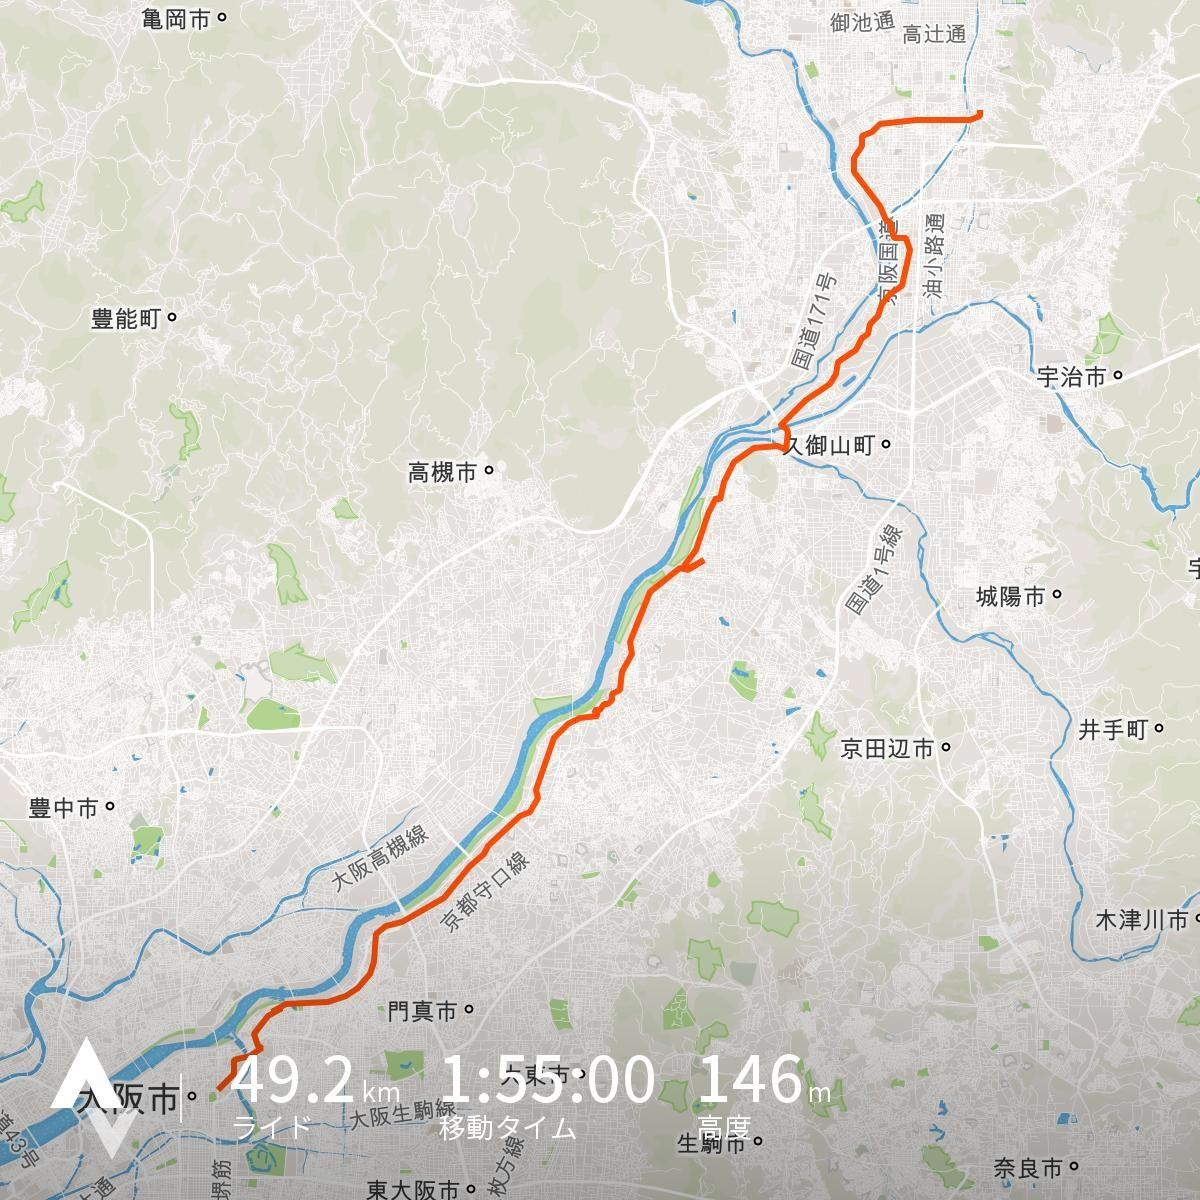 イロリムラ→自宅